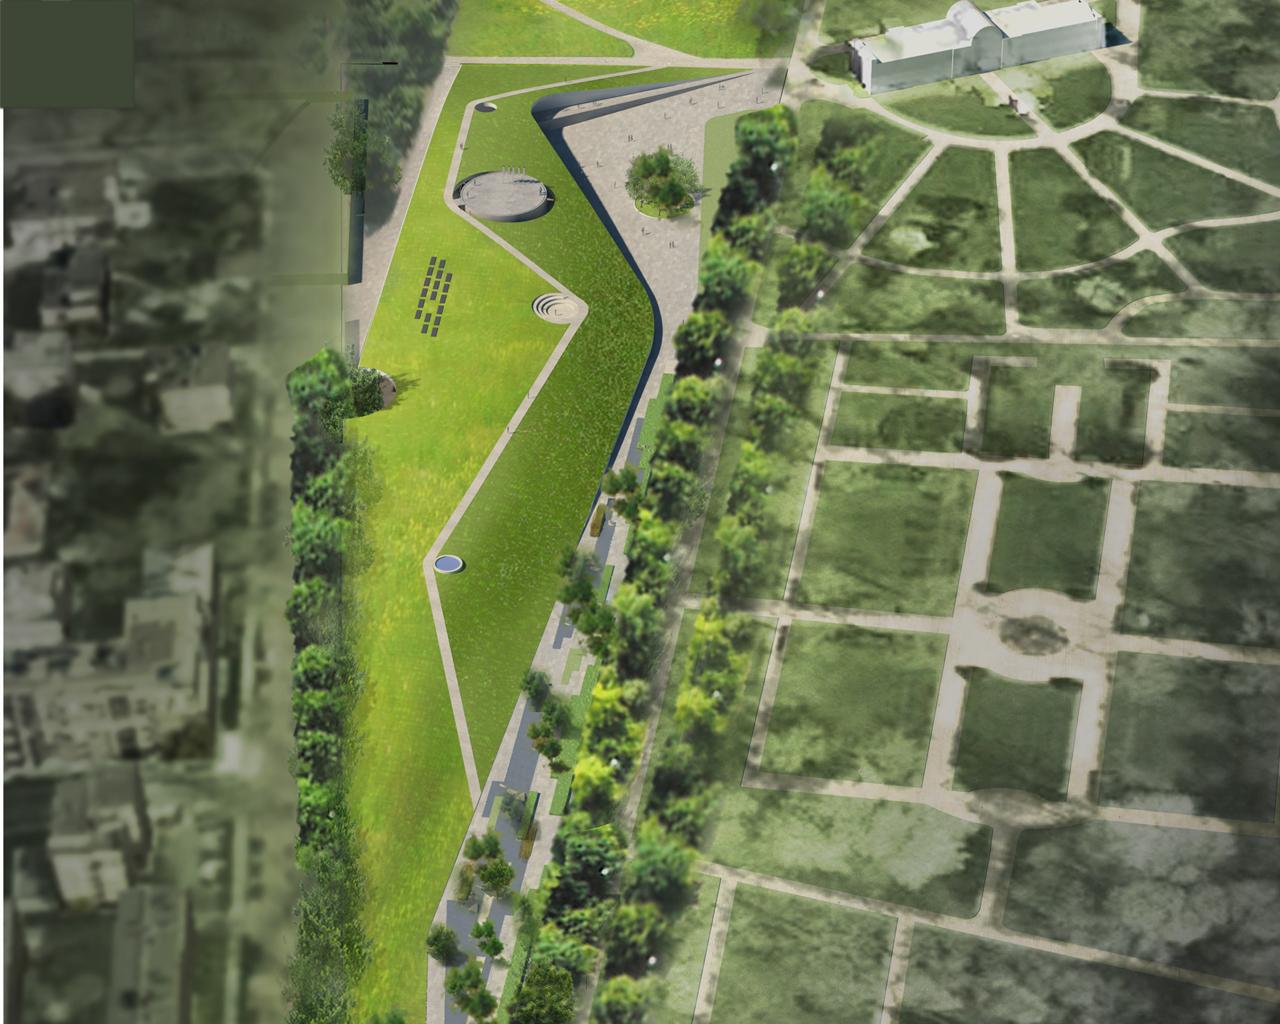 Ogród Xxi Wieku I Pawilon Wystawowy W łazienkach Królewskich